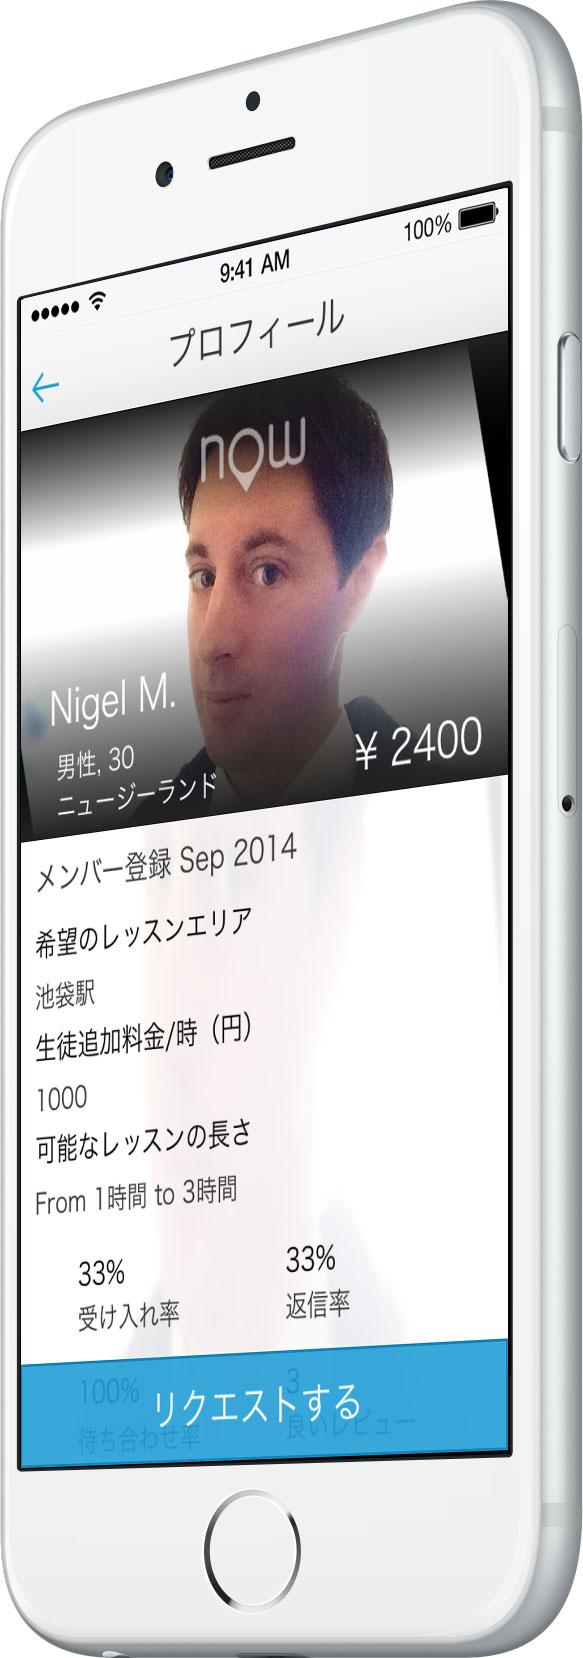 teacher_Nigel.jpg